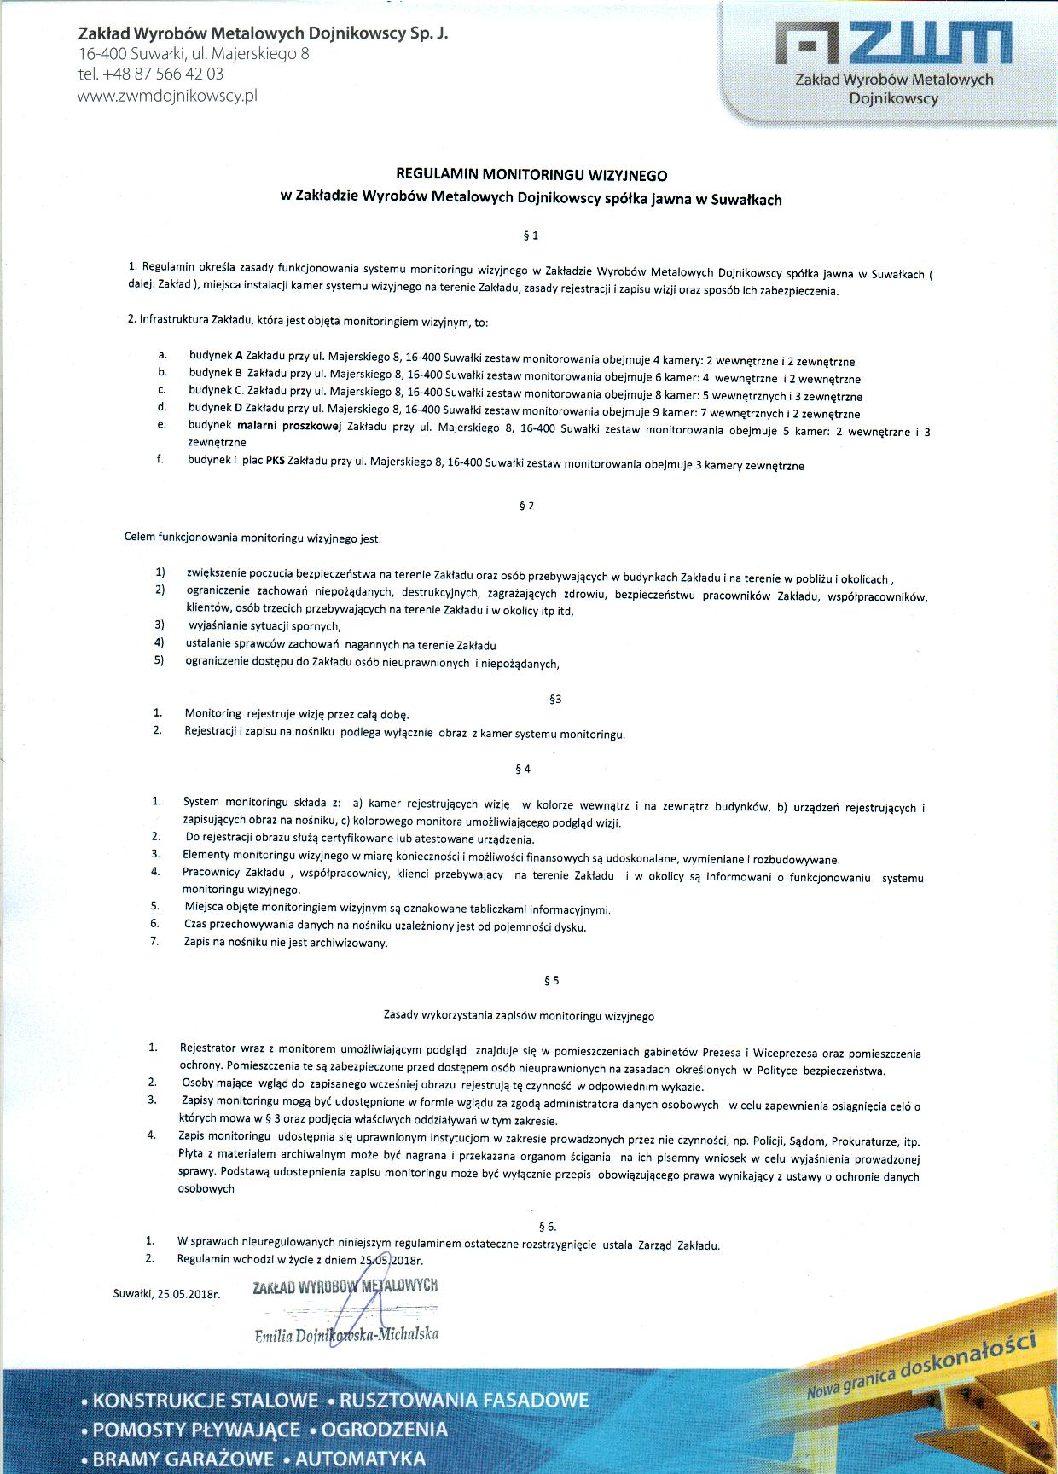 ZWM Dojnikowscy – Regulamin monitoringu wizyjnego